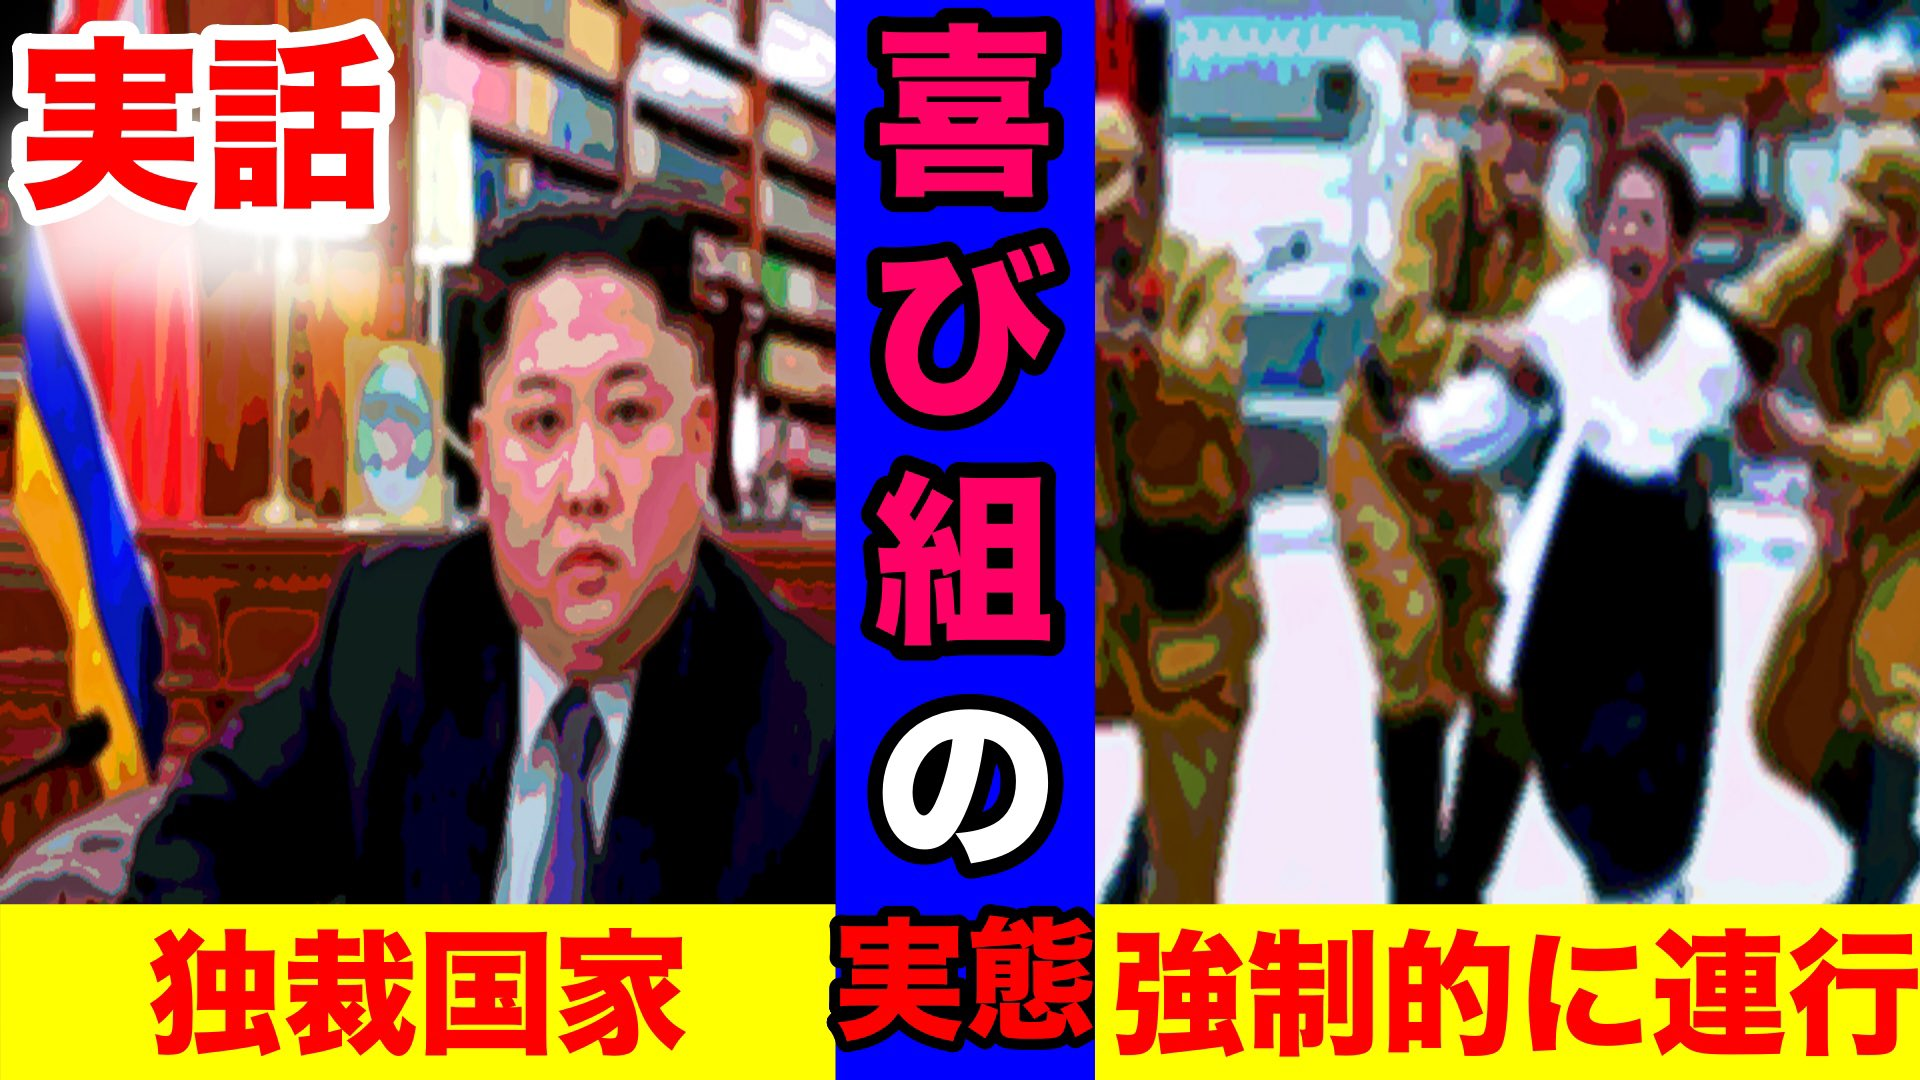 喜び 漫画 朝鮮 北 組 北朝鮮に行ったら「喜び組」と遊べたが「ハニートラップ」にかかりそうになった話